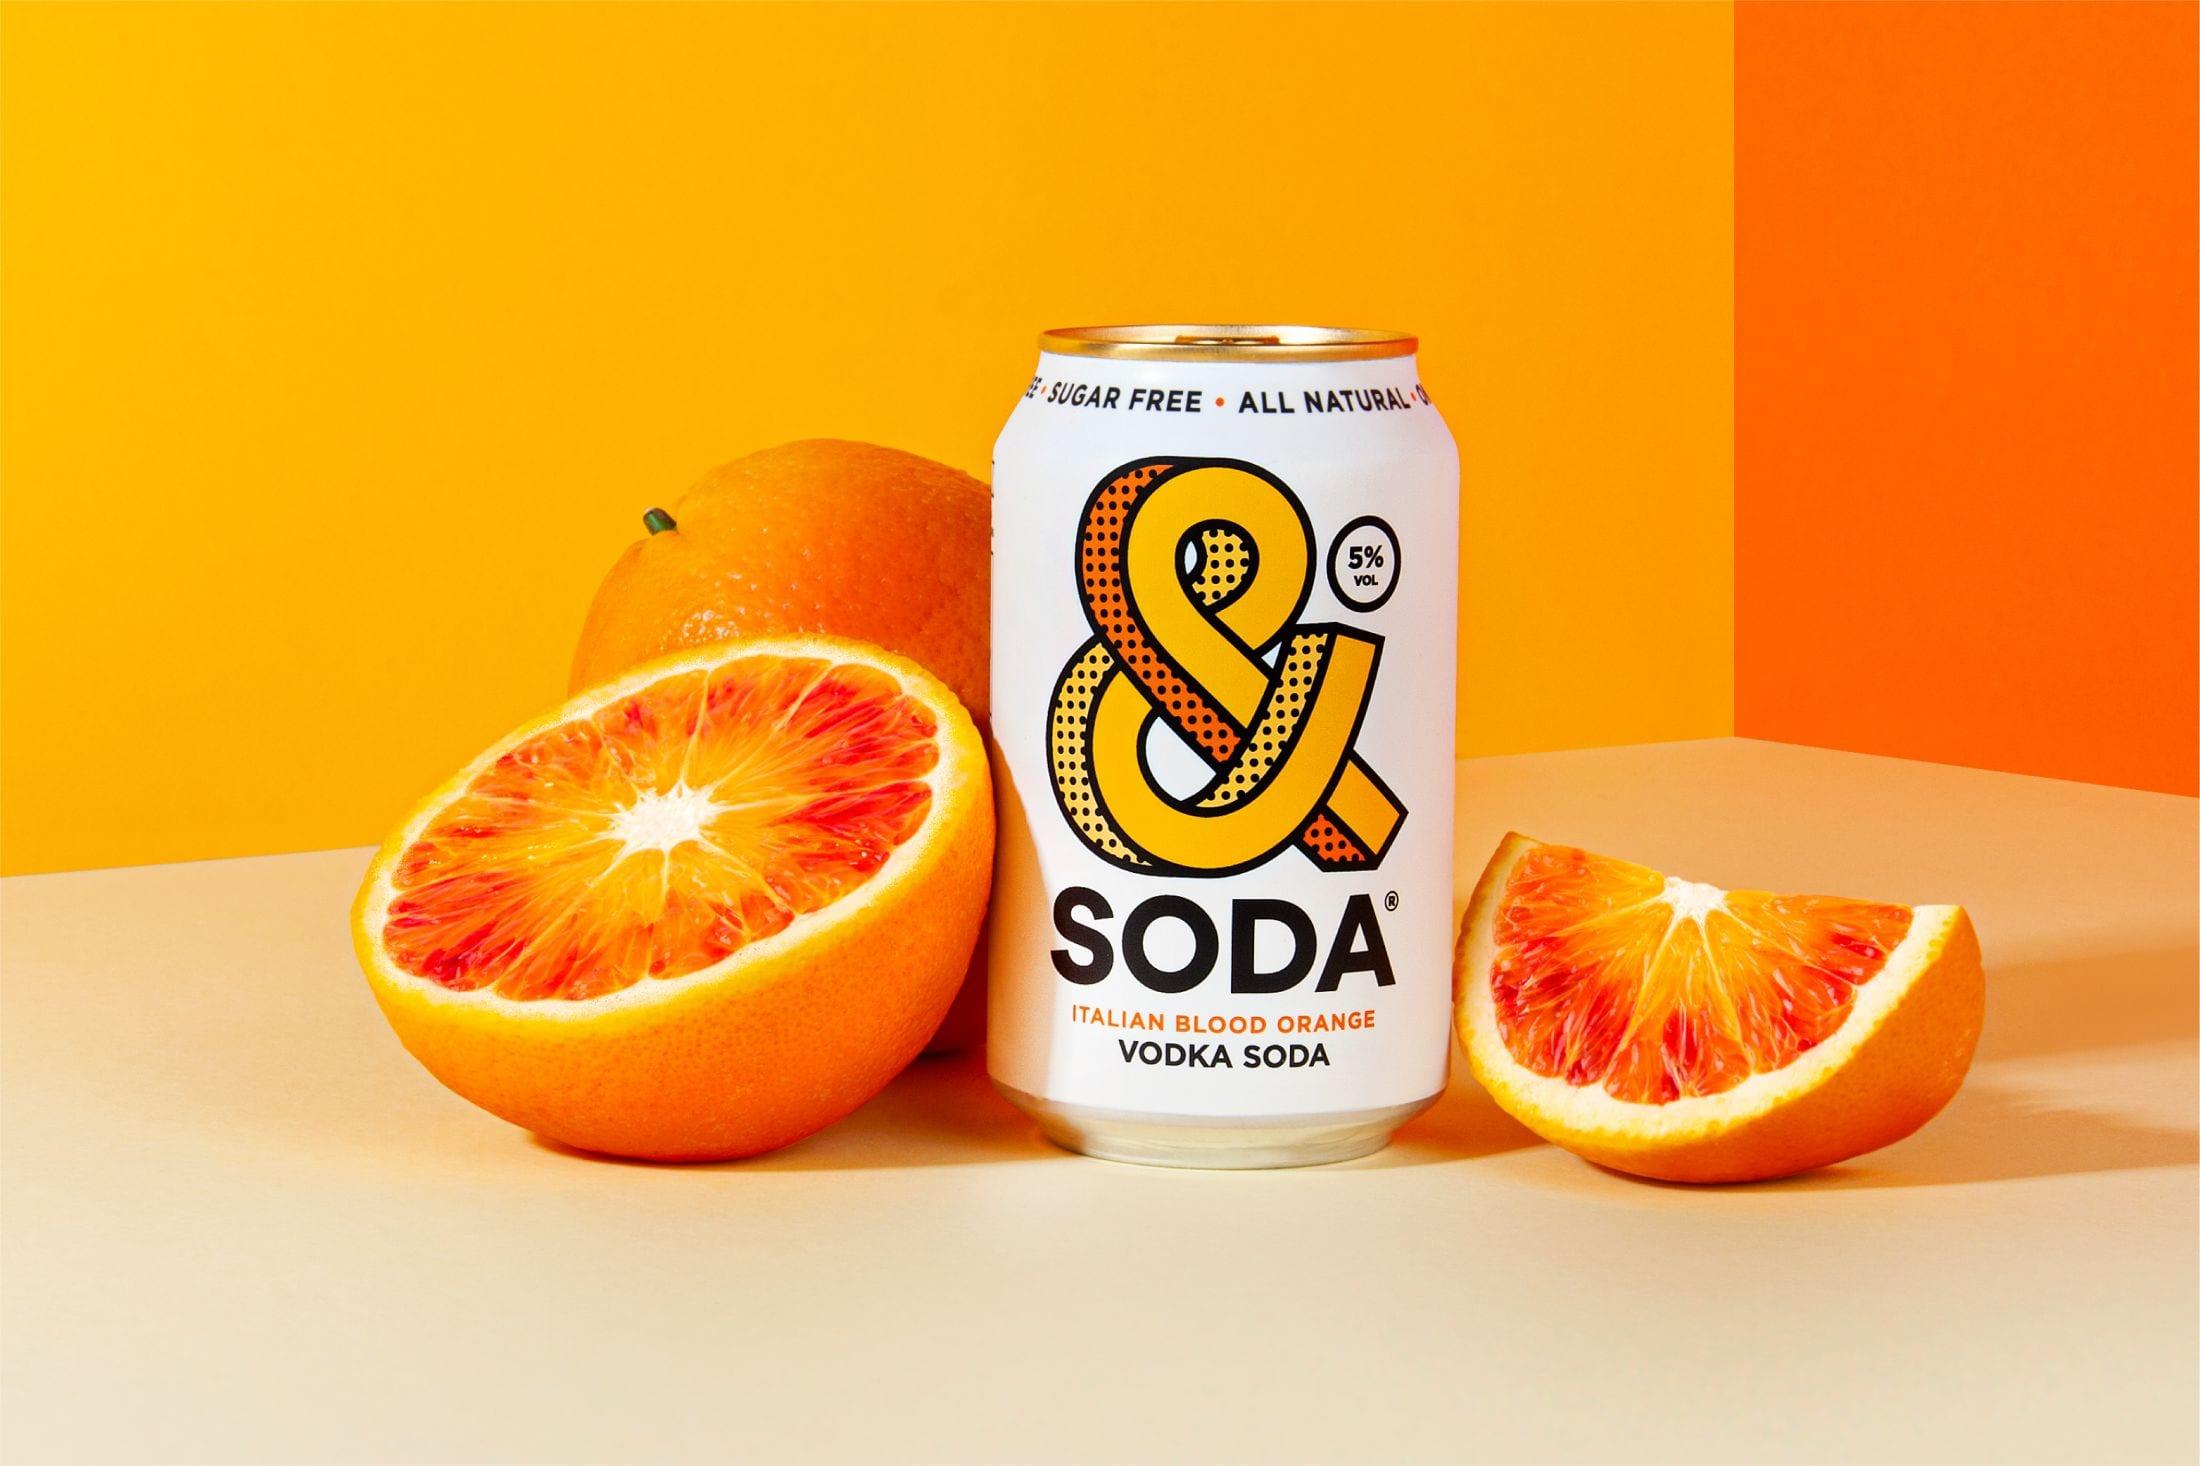 """357f3ec6930f23f72d65d44605c7ef209052ff7b 2200 - Svěží a ovocná identita pro novou alternativu """"čistého pití"""" &Soda od společnosti Analogue"""